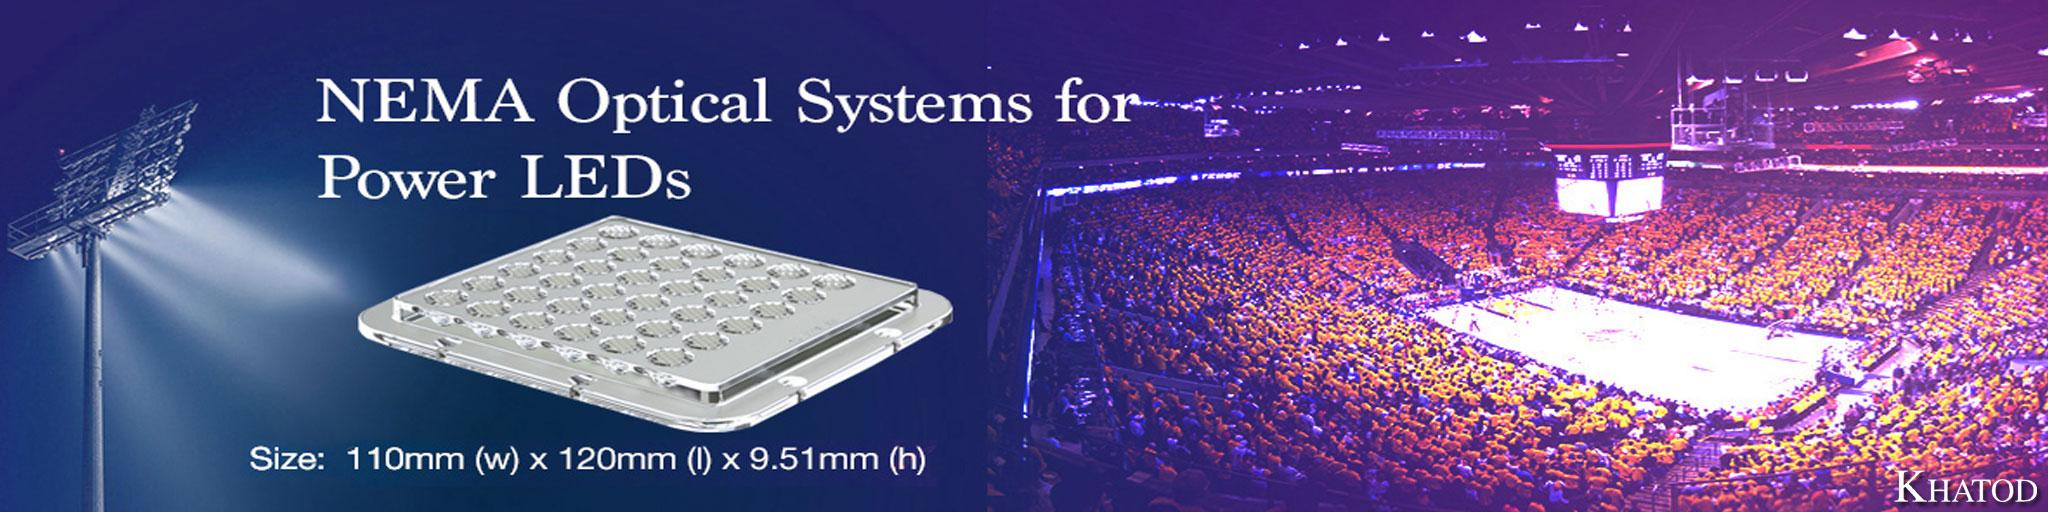 Systèmes optiques Nema pour LED électriques